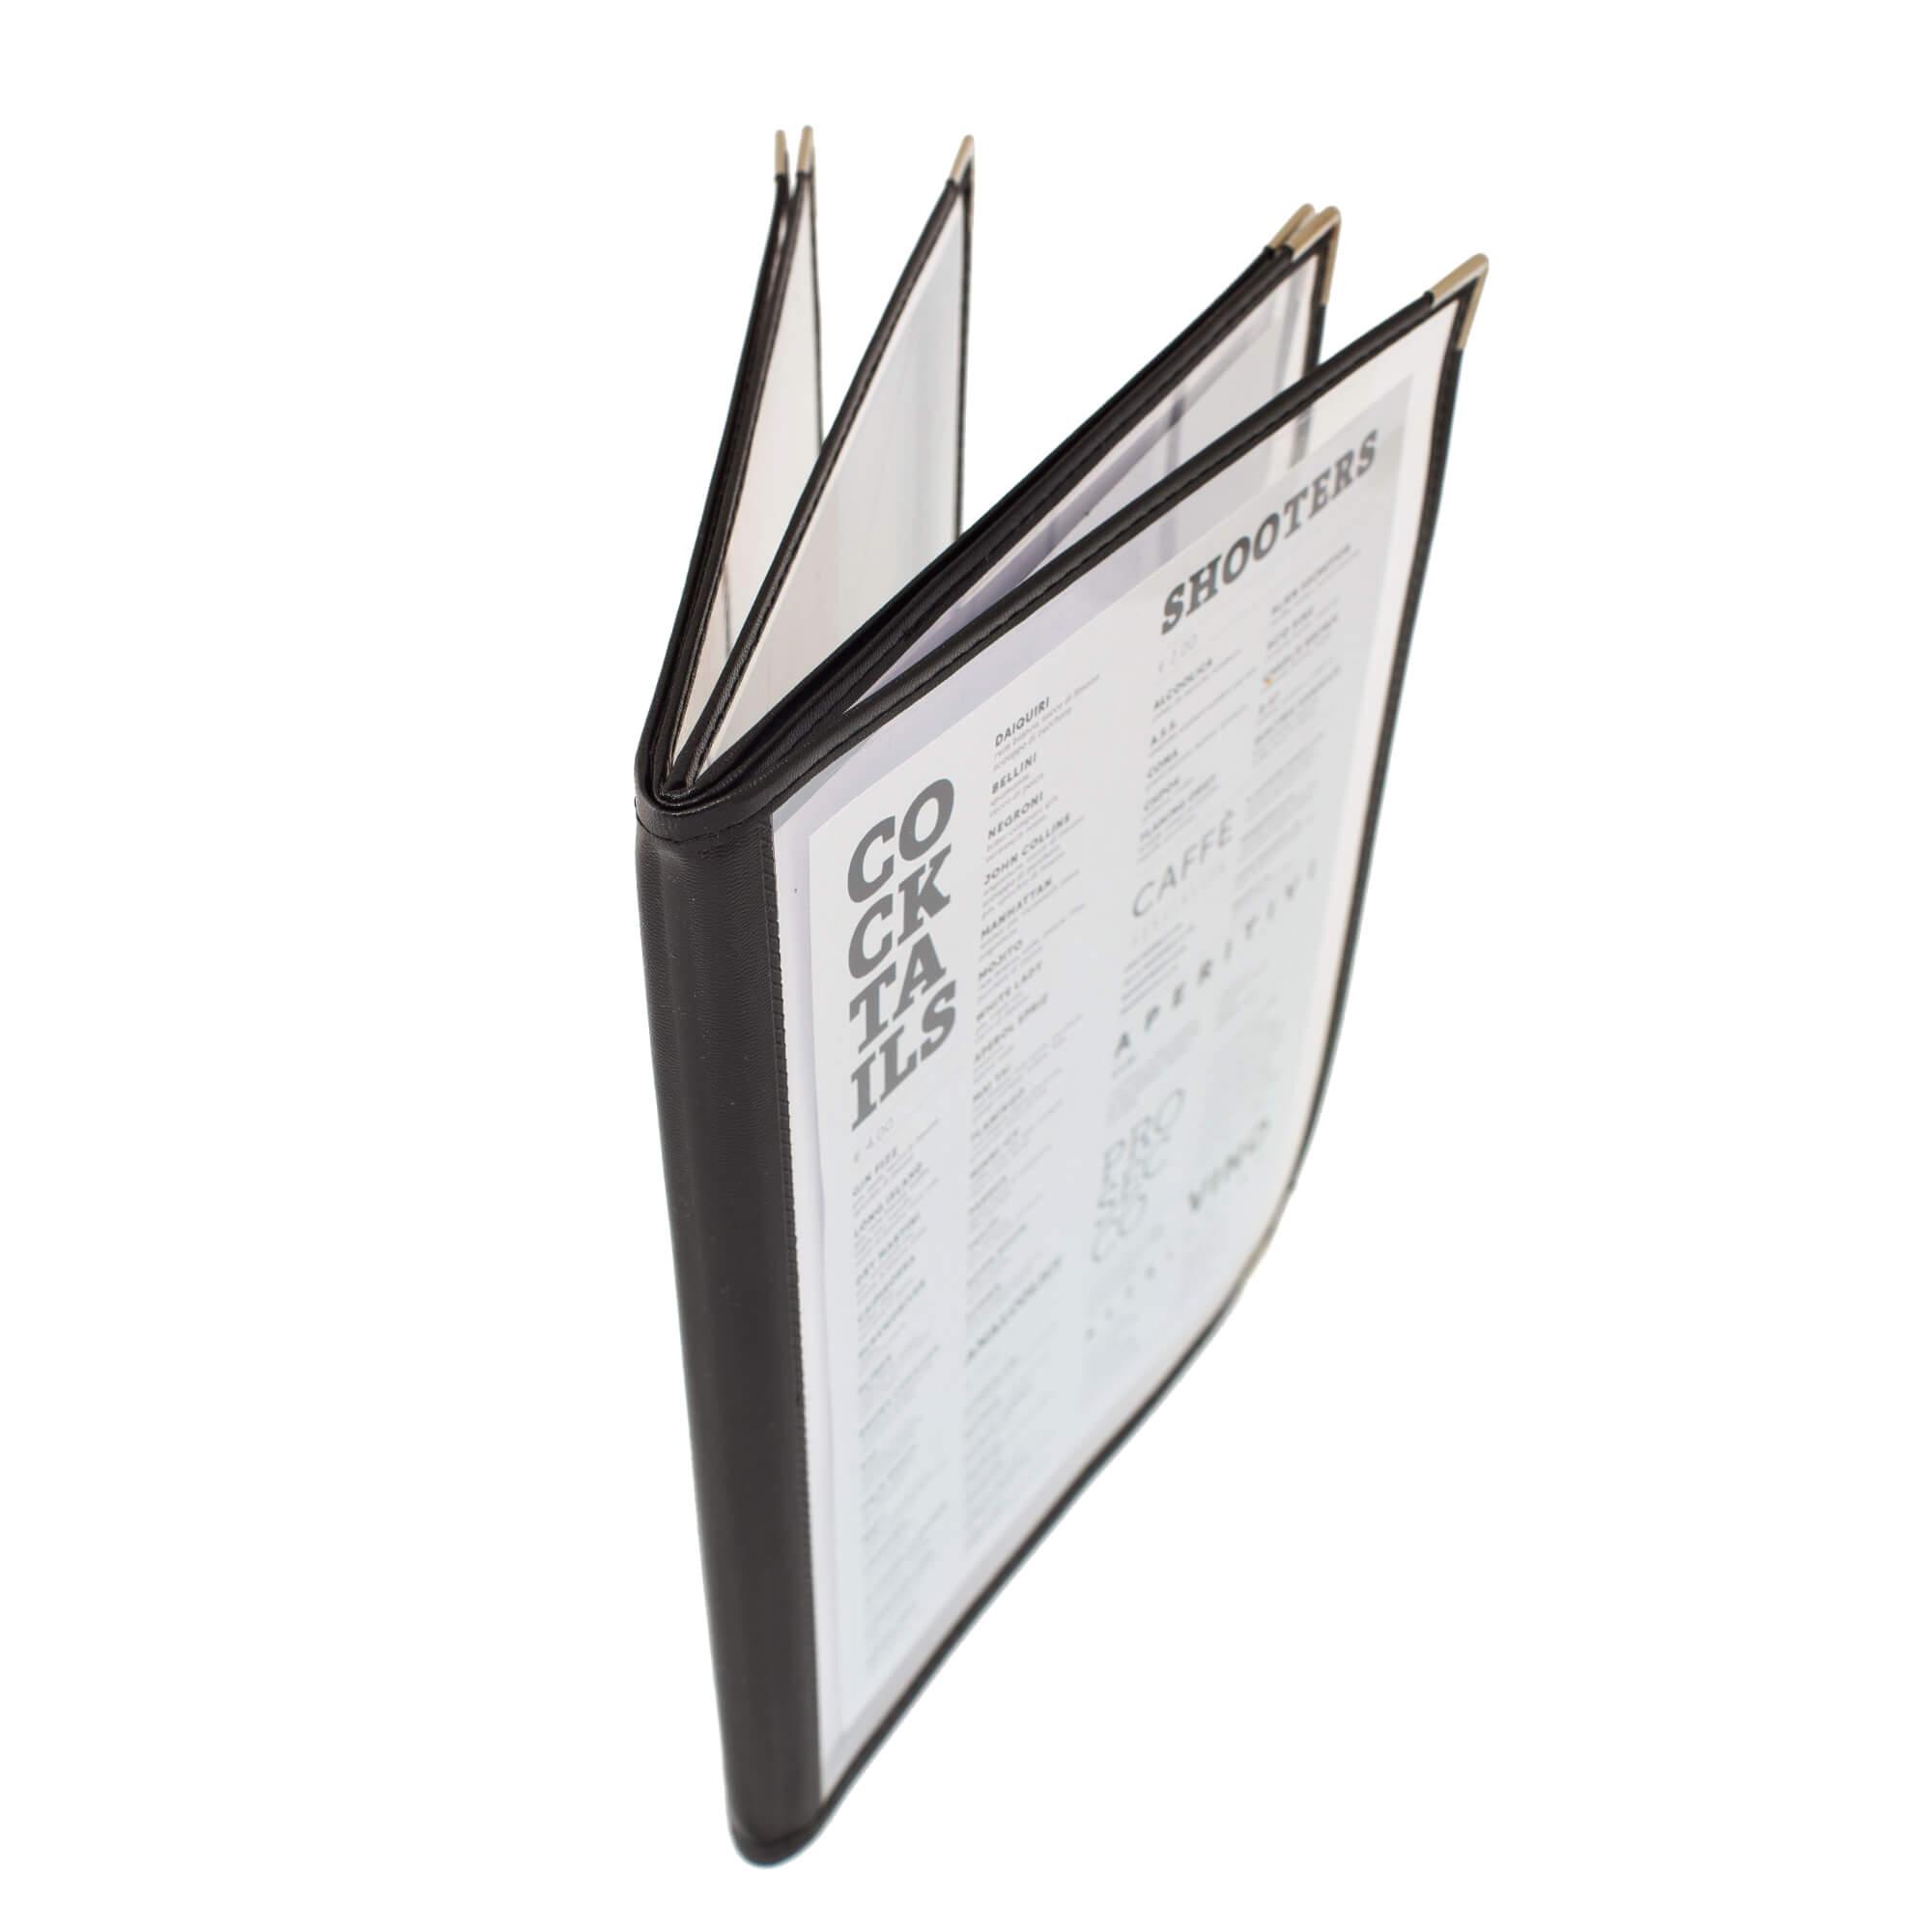 Bistro étlaptartó A4, 6 lapos 3